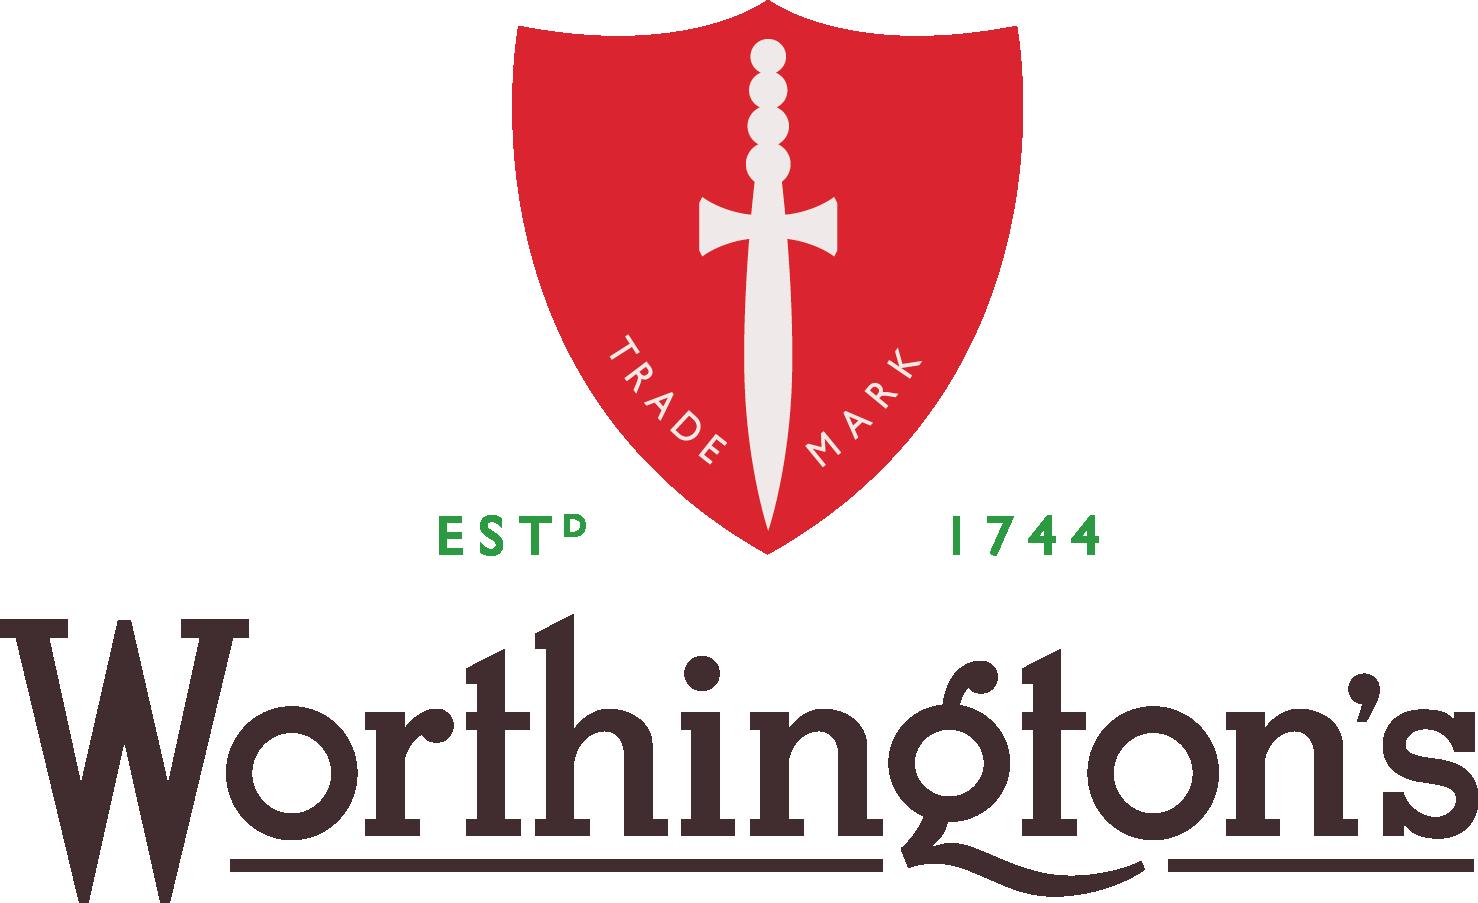 WORTHINGTON'S LOGO - 28 10 16.png